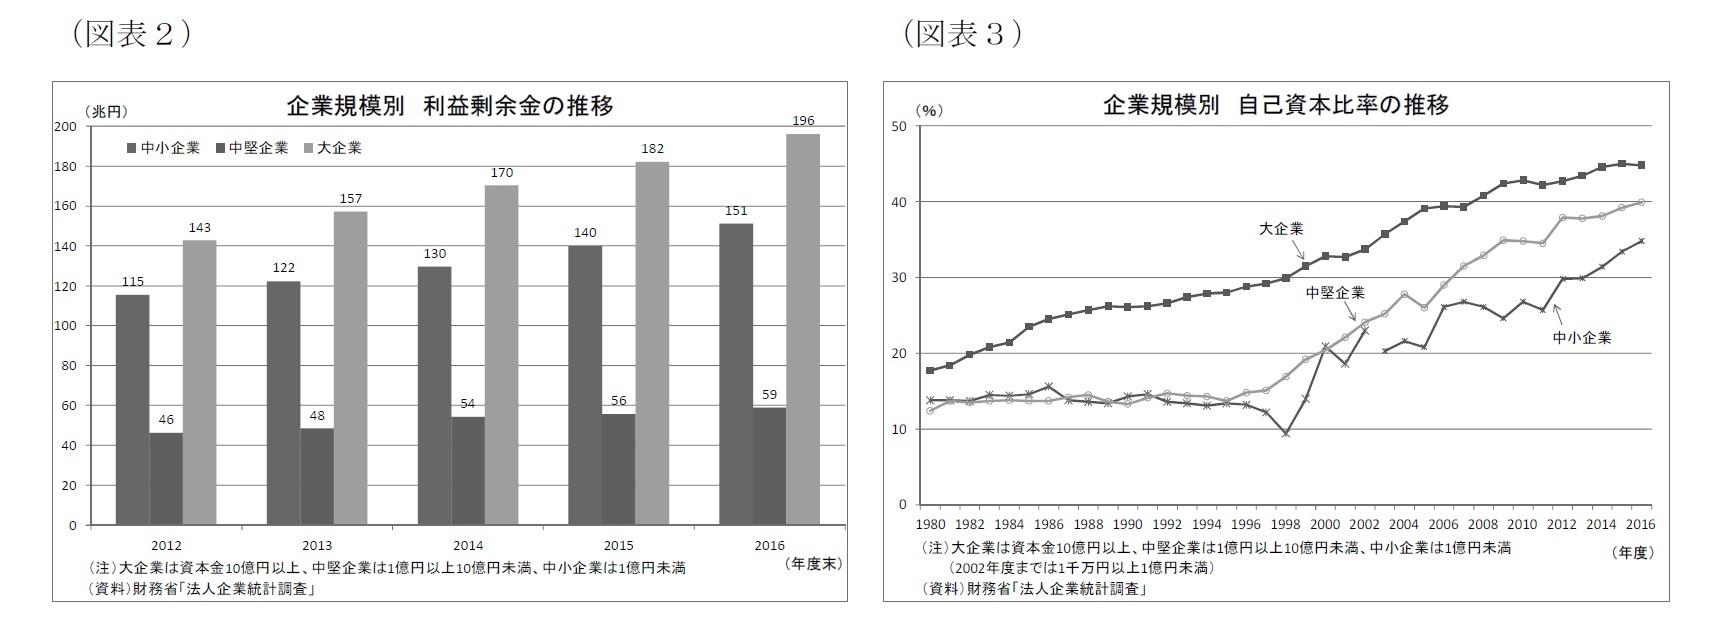 (図表2)企業規模別利益剰余金の推移/(図表3)企業規模別自己資本比率の推移